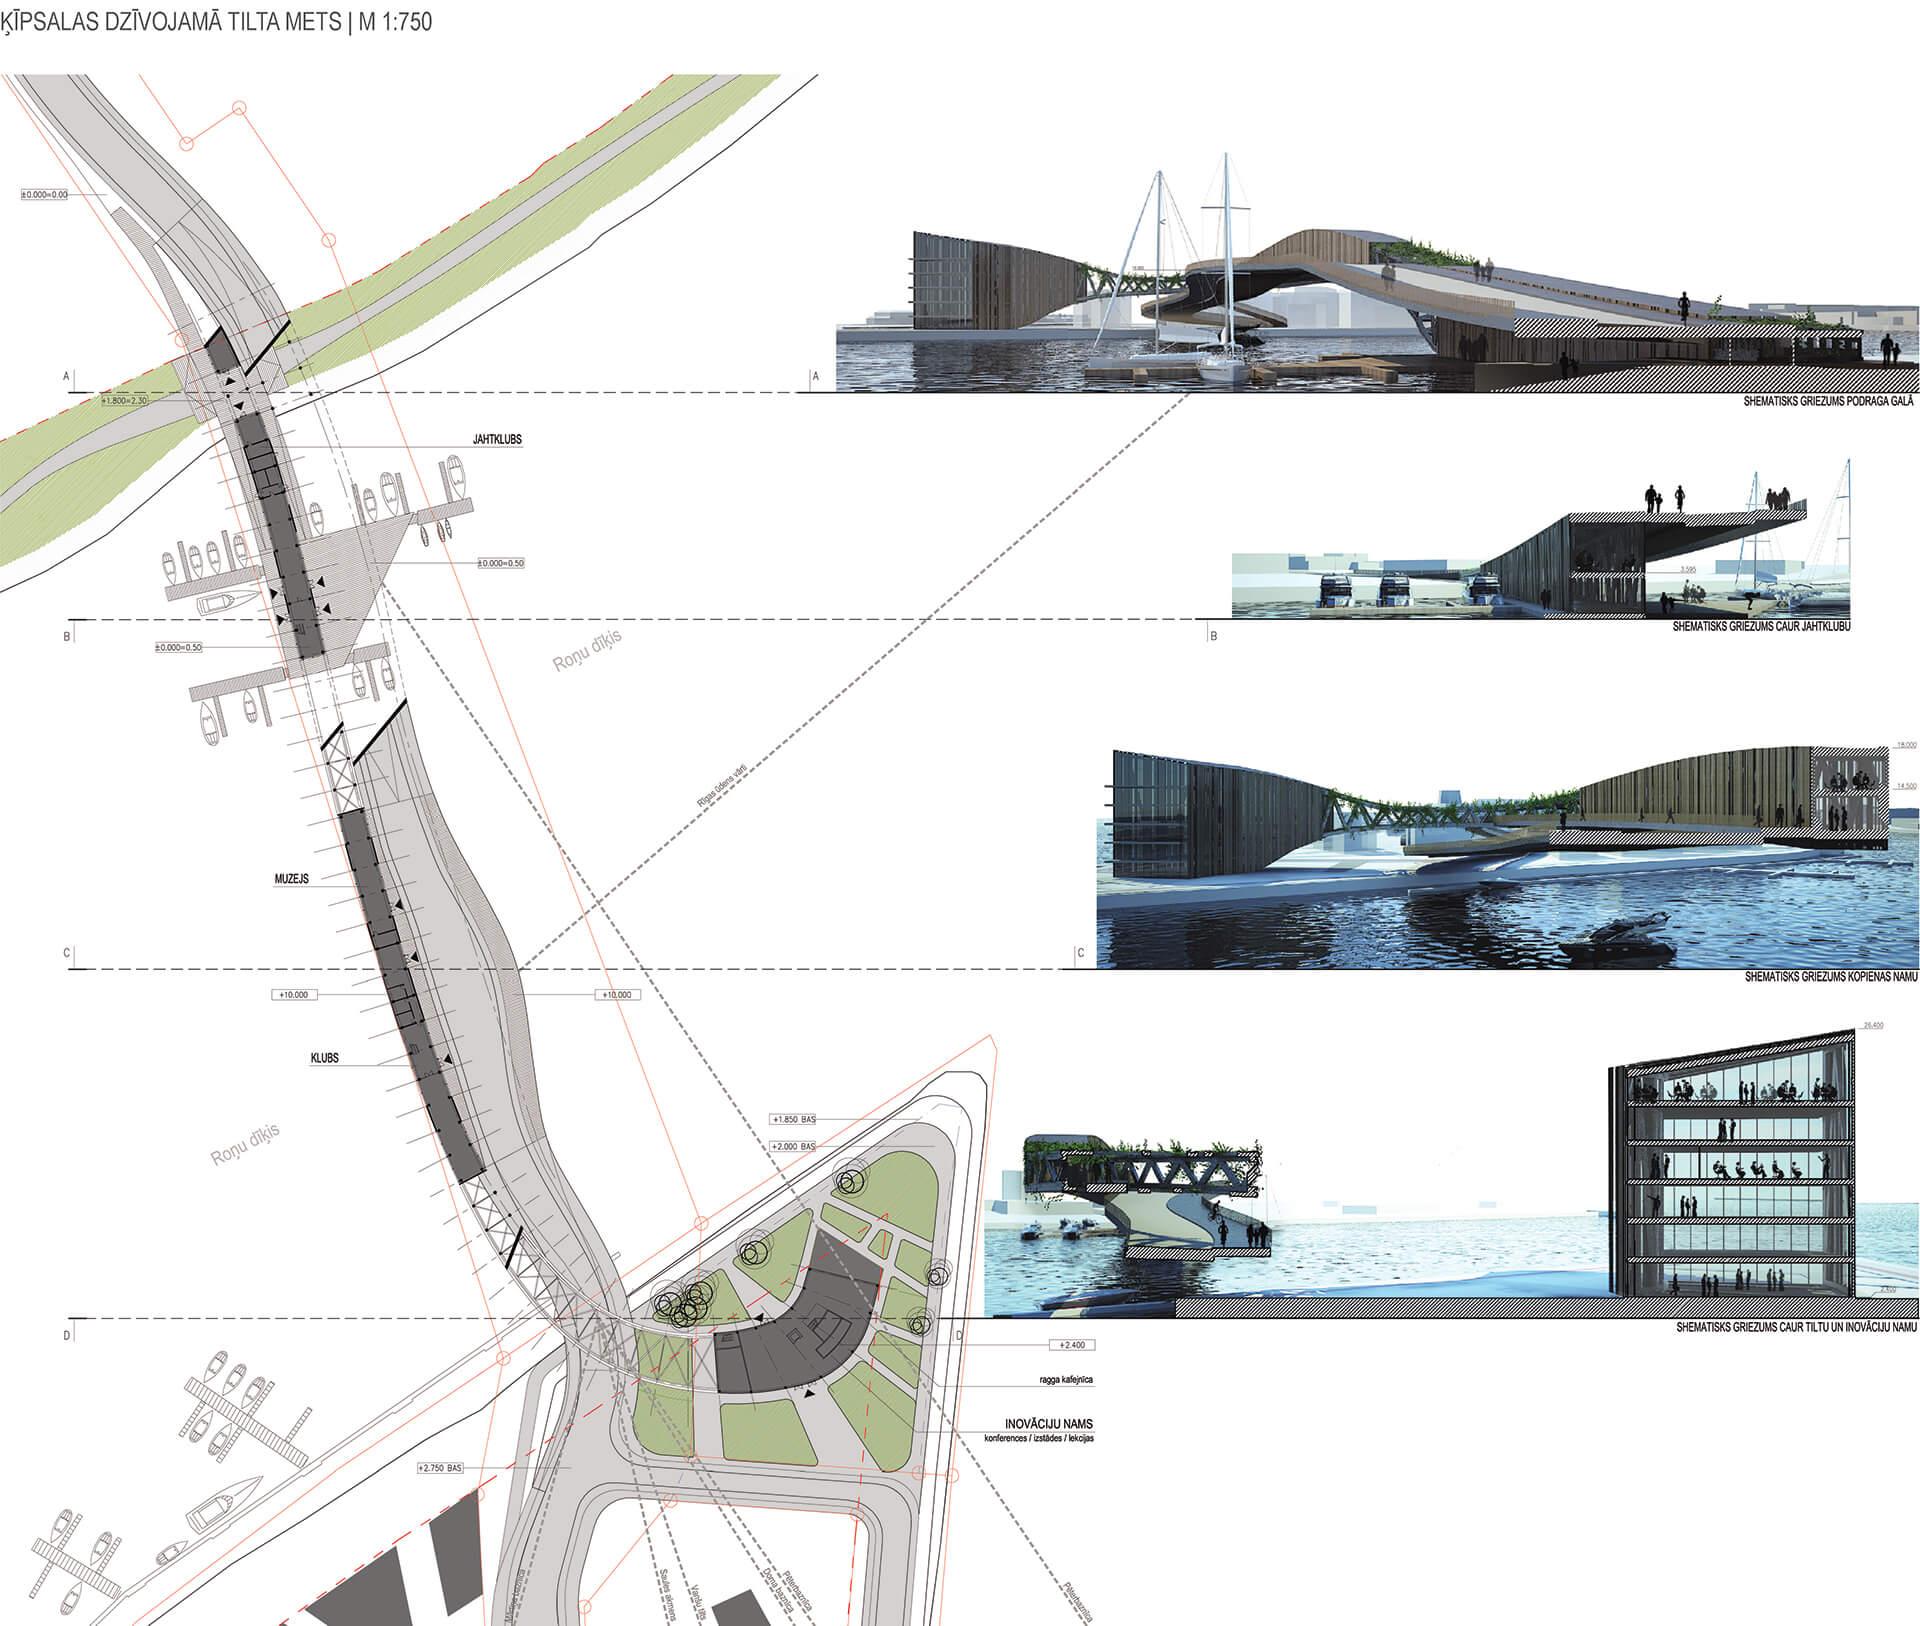 https://laagaarchitects.lv/wp-content/uploads/2019/12/04-02-9-Kipsala.jpg